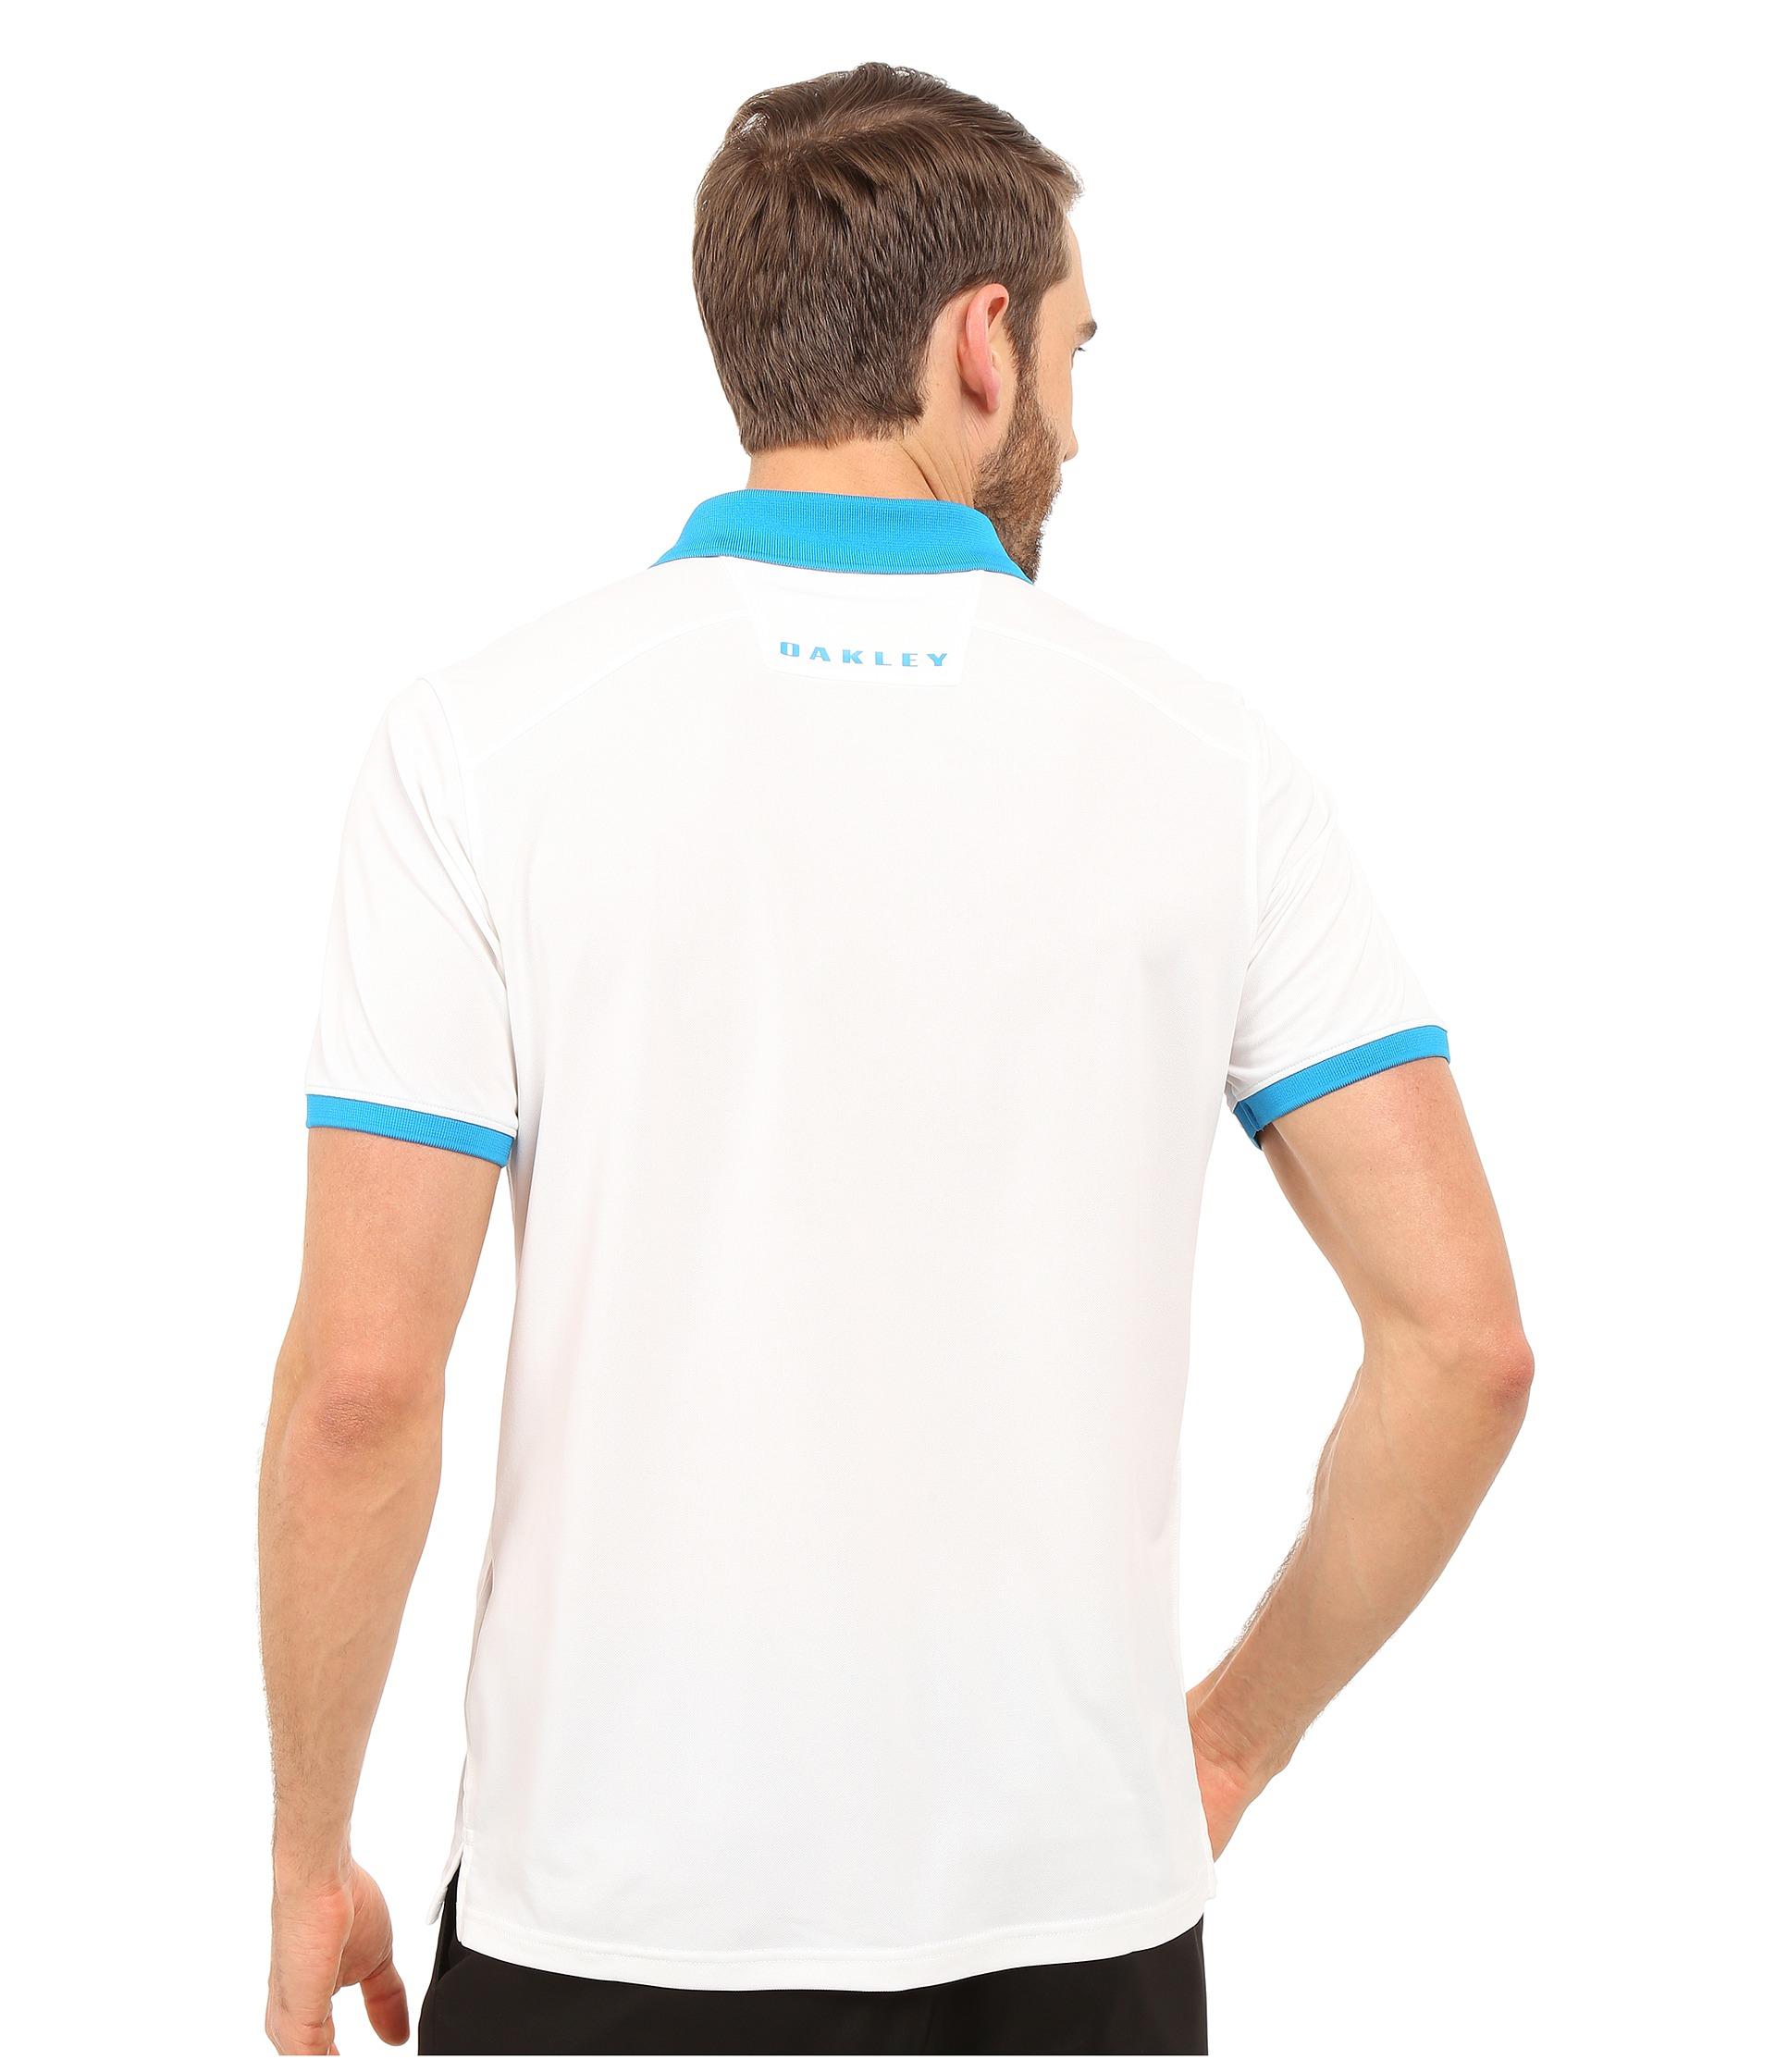 62fec47b8ea2 ralph lauren dress shirt myer ralph lauren womens polo shirts cheap ...